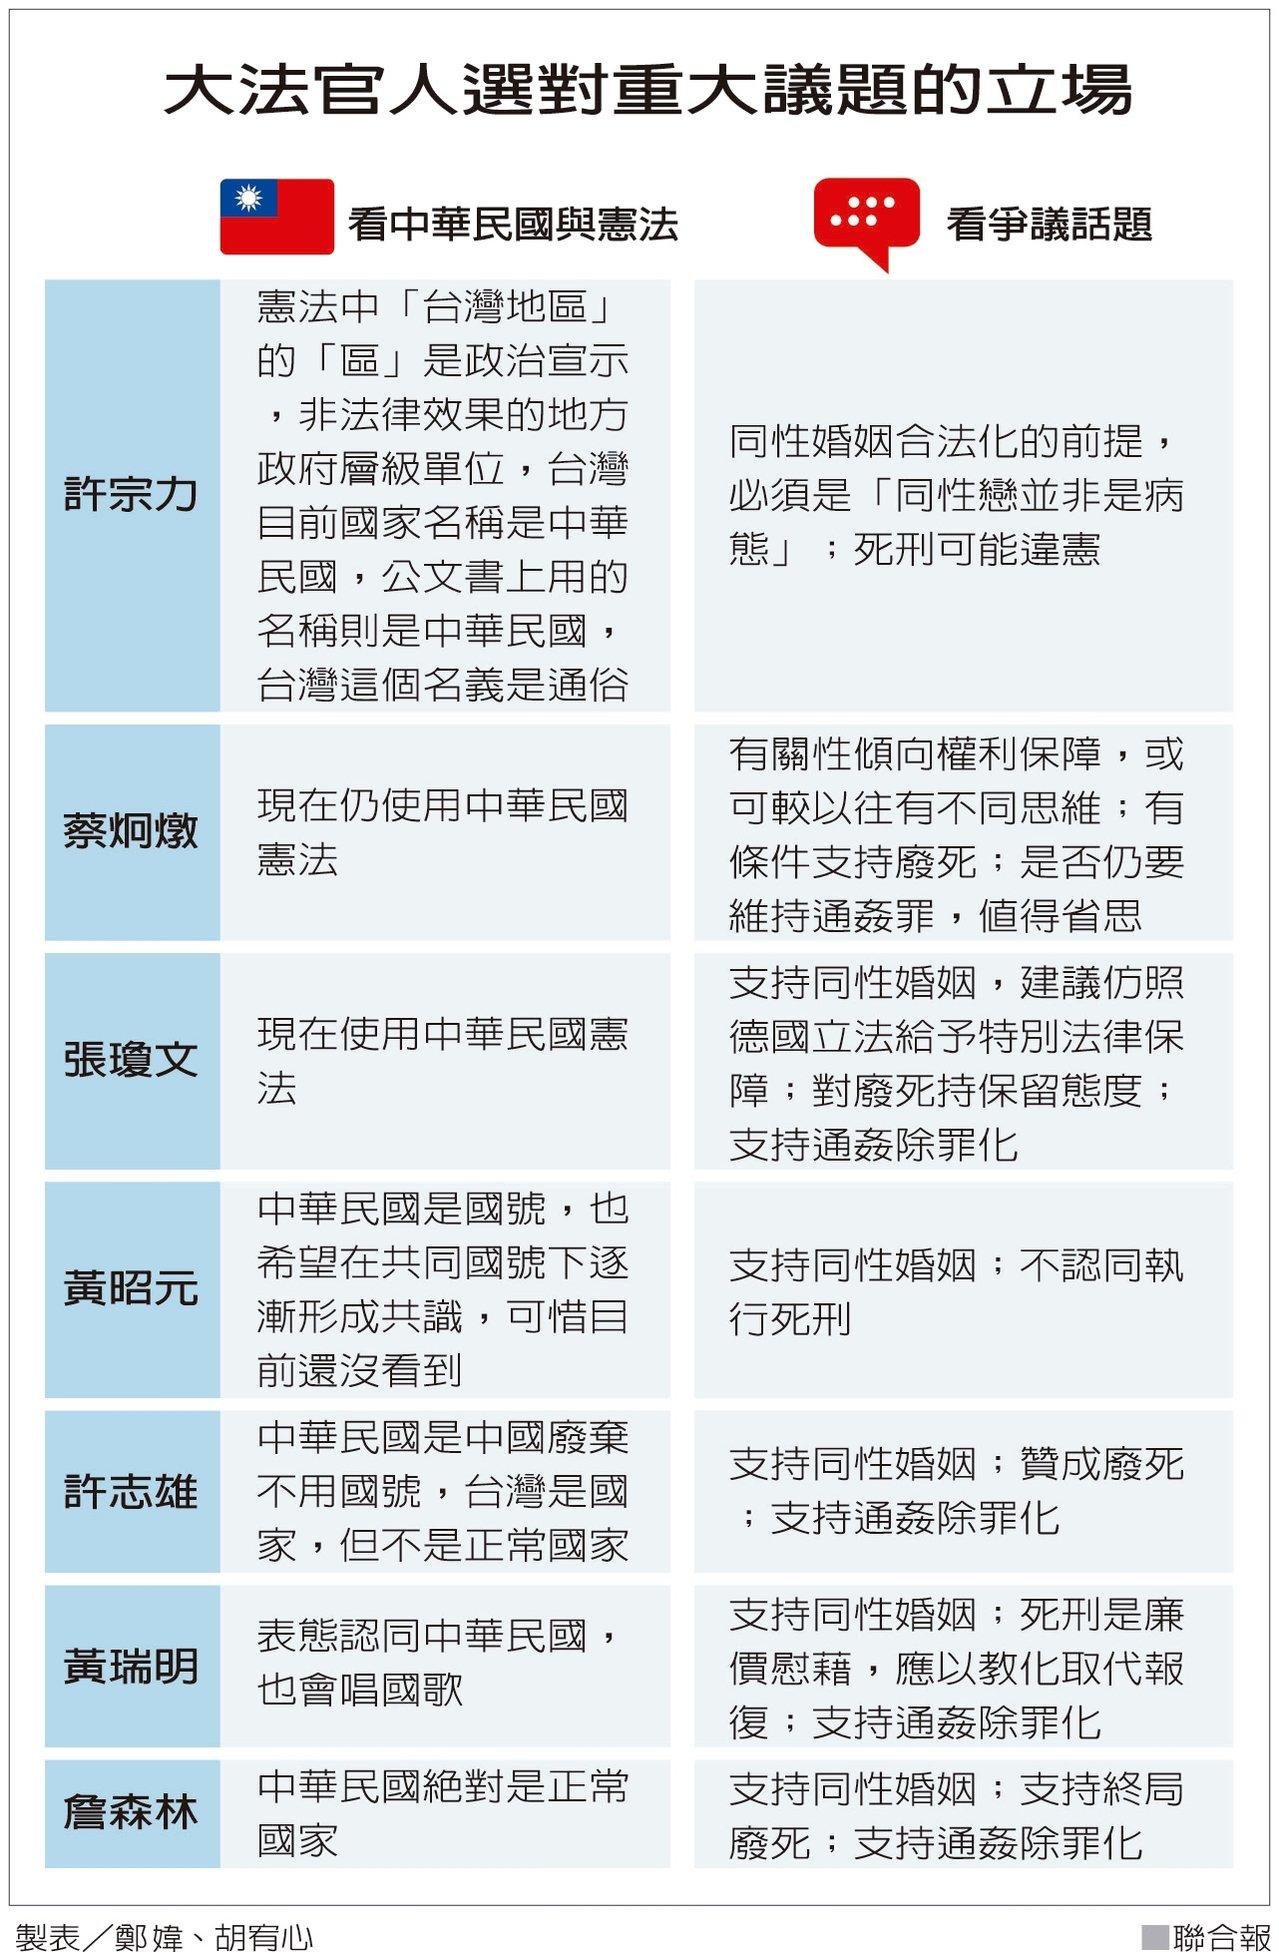 大法官人選對重大議題的立場 製表/鄭媁、胡宥心